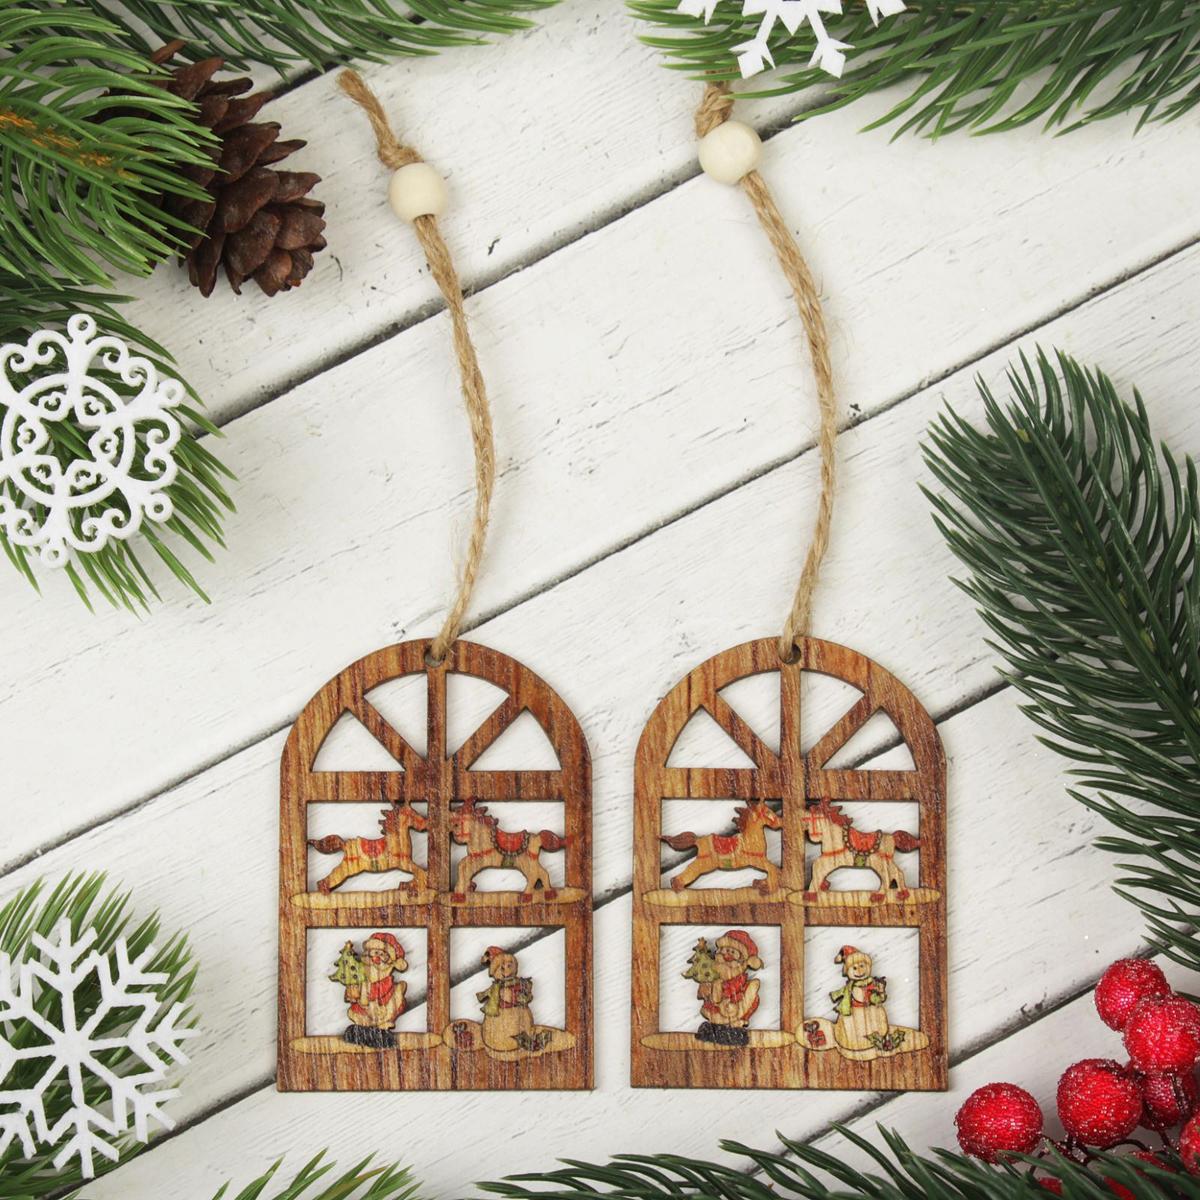 Украшение новогоднее подвесное Новогоднее окно, 2 шт2303262Набор новогодних подвесных украшений, выполненных из дерева, отлично подойдет для декорации вашего дома и новогодней ели. С помощью специальной петельки украшение можно повесить в любом понравившемся вам месте. Но, конечно, удачнее всего оно будет смотреться на праздничной елке.Елочная игрушка - символ Нового года. Она несет в себе волшебство и красоту праздника. Такое украшение создаст в вашем доме атмосферу праздника, веселья и радости. В комплекте 2 украшения.